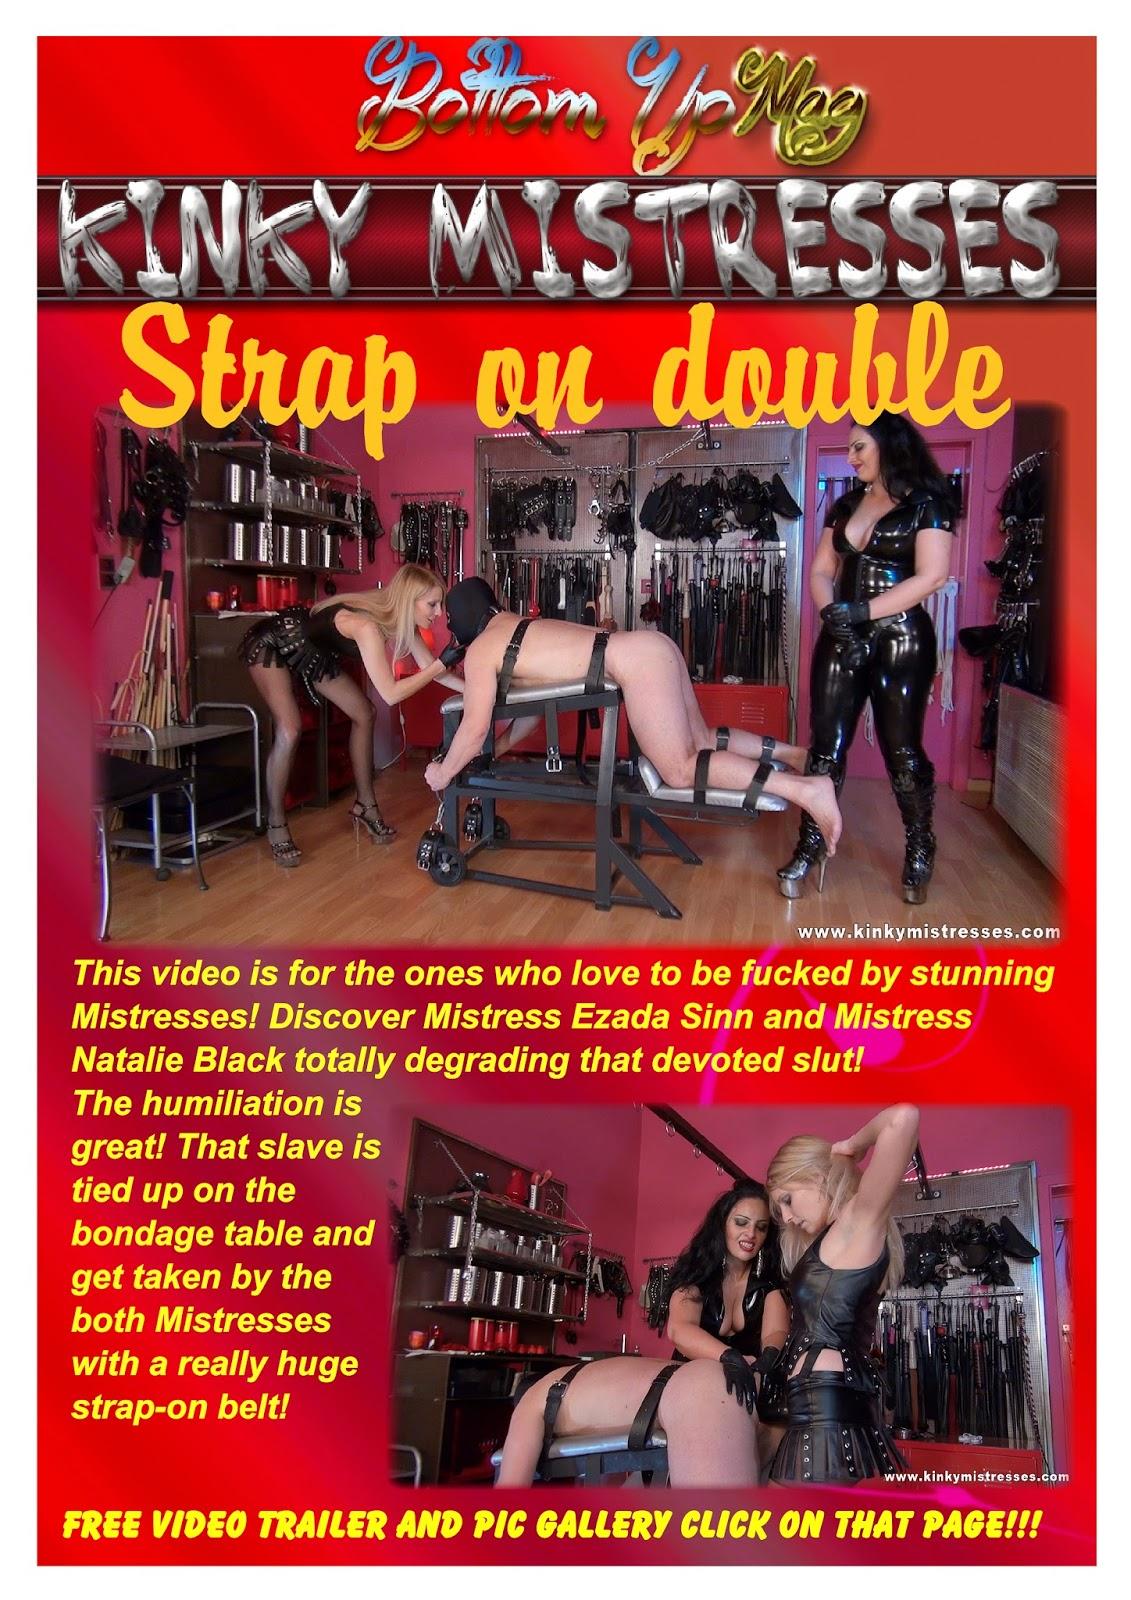 http://www.kinkymistresses.com/affiliate/promo/8a4007/1/841/774138/